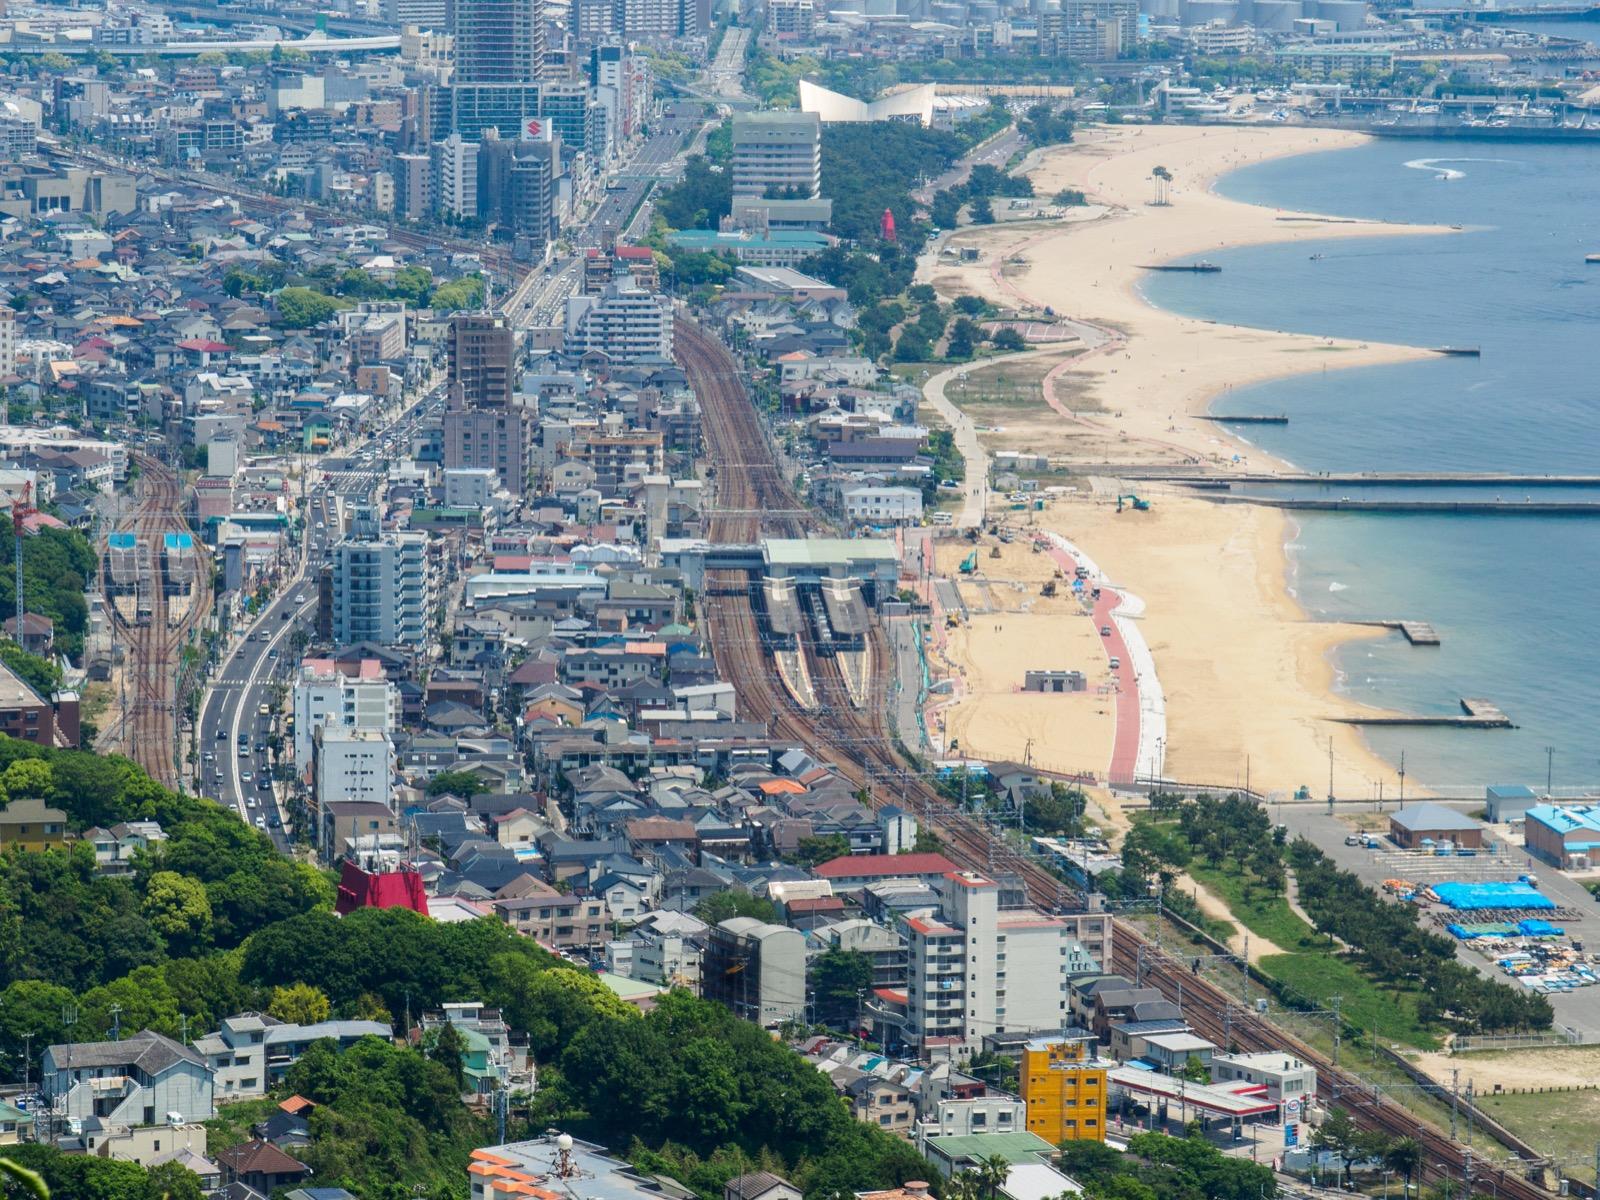 鉢伏山上から見た須磨駅と山陽須磨駅